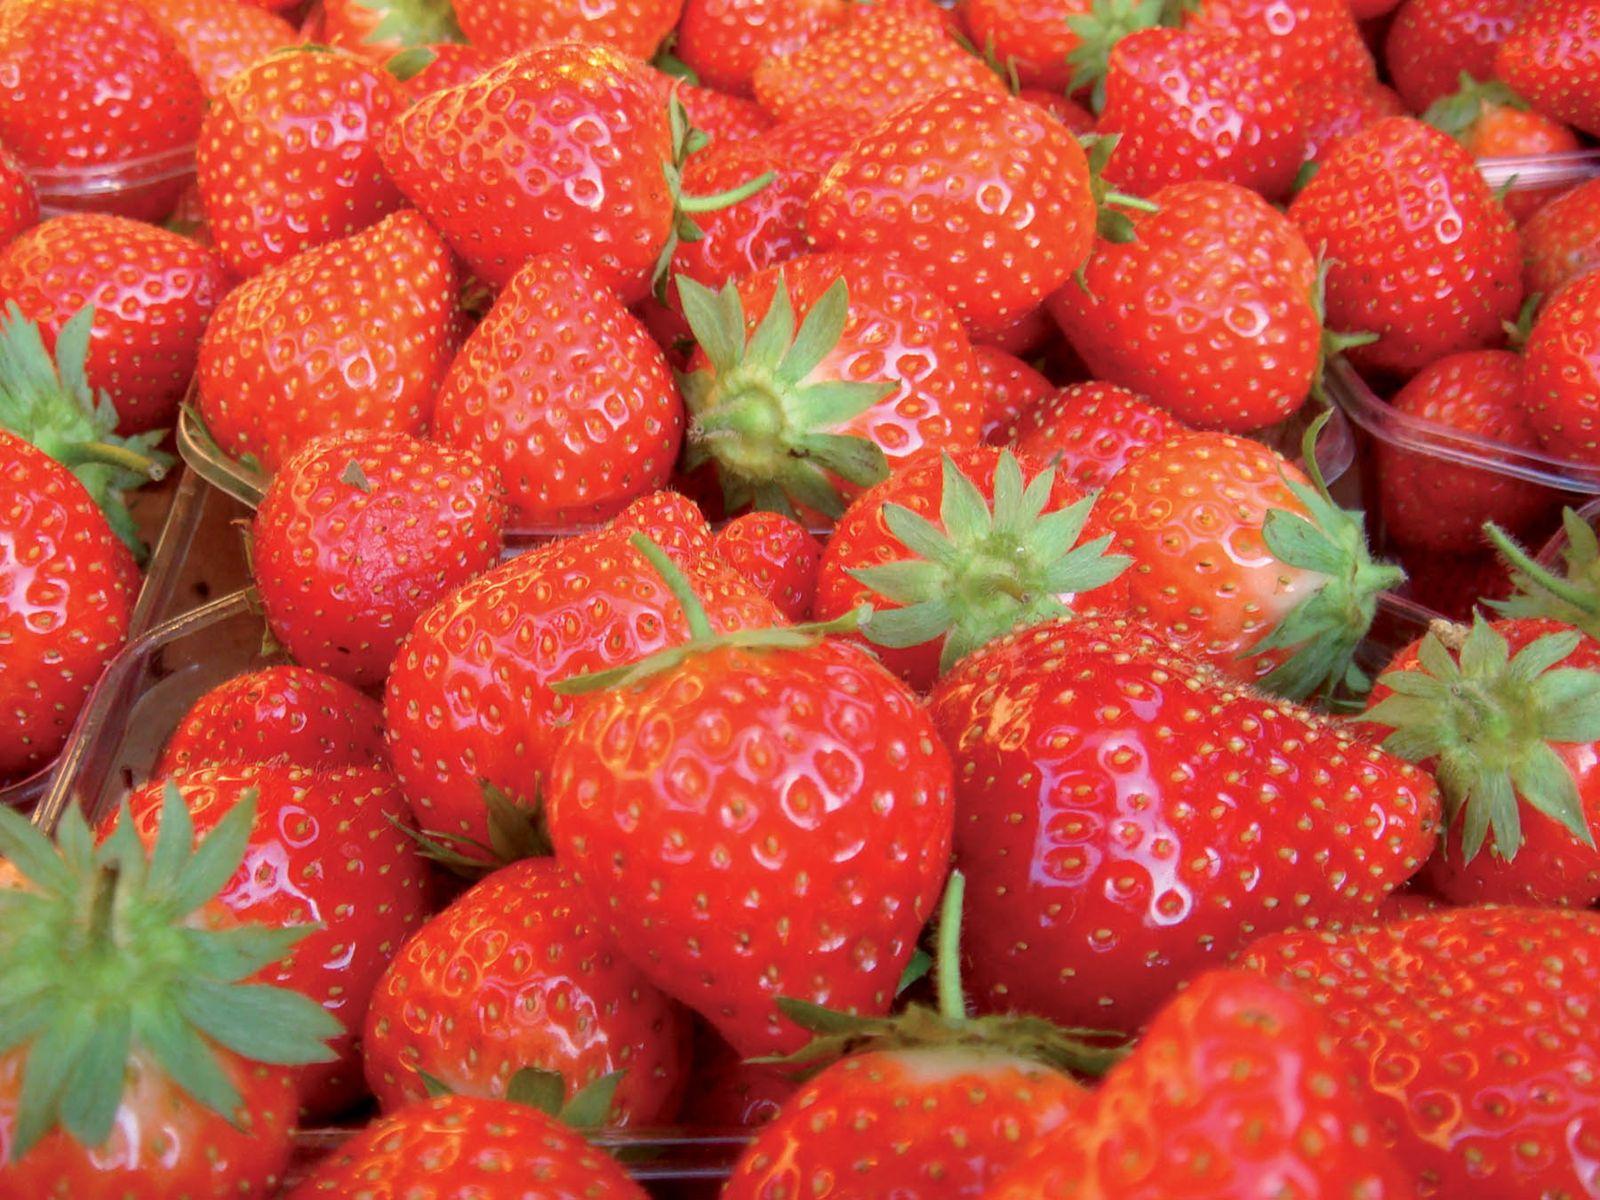 Comment Entretenir Les Fraisiers En Automne comment planter et entretenir vos fraisiers ?